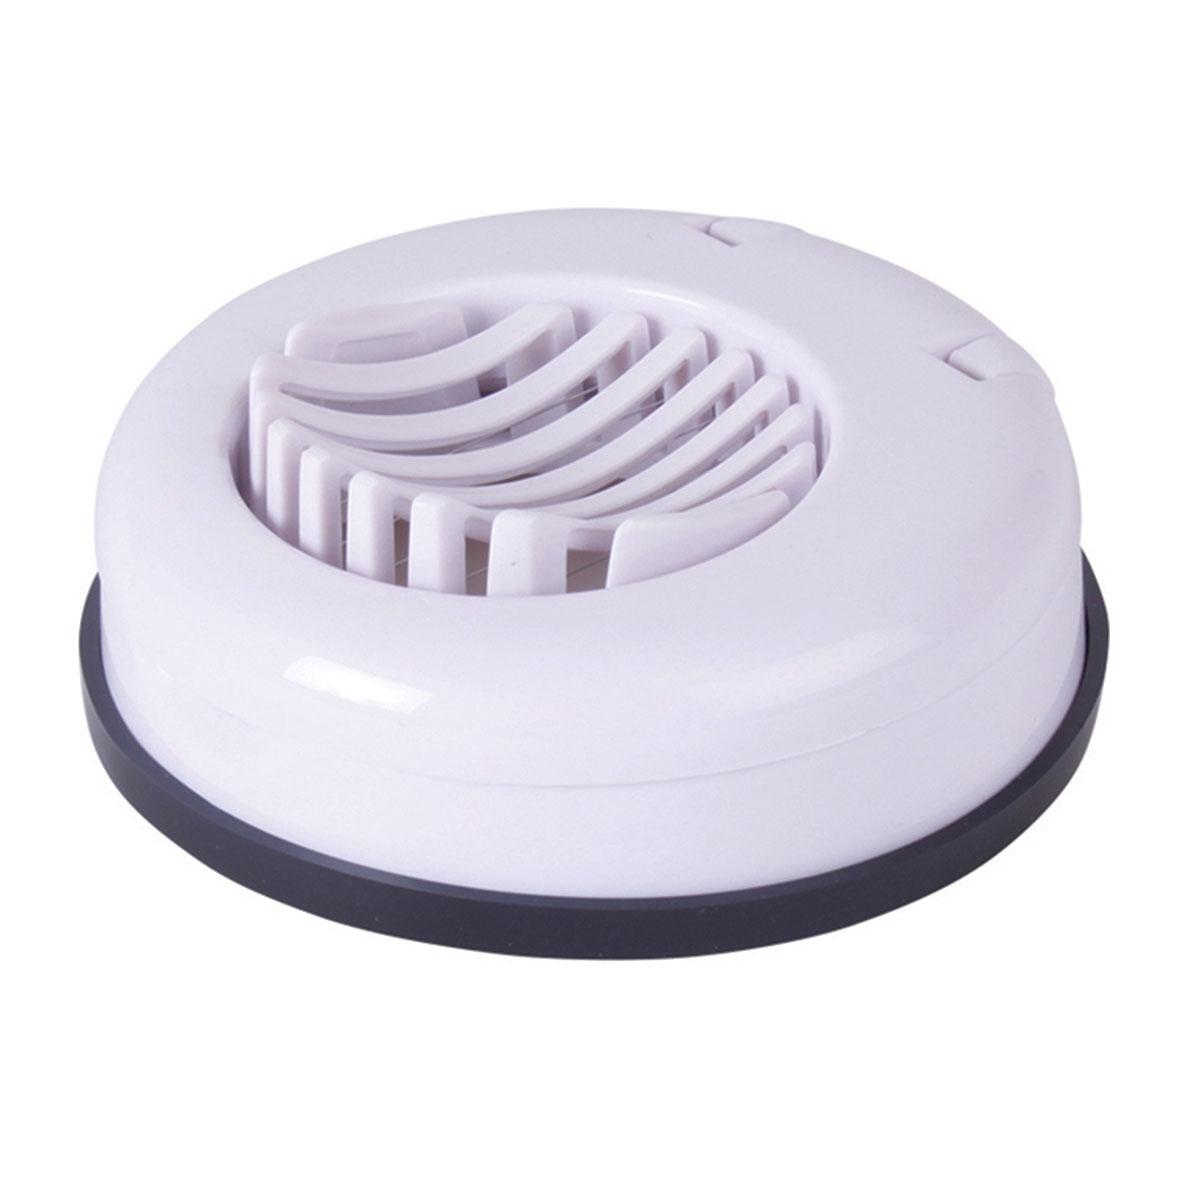 SLICER - Æggedeler - Tåler opvaskemaskine - Hvid